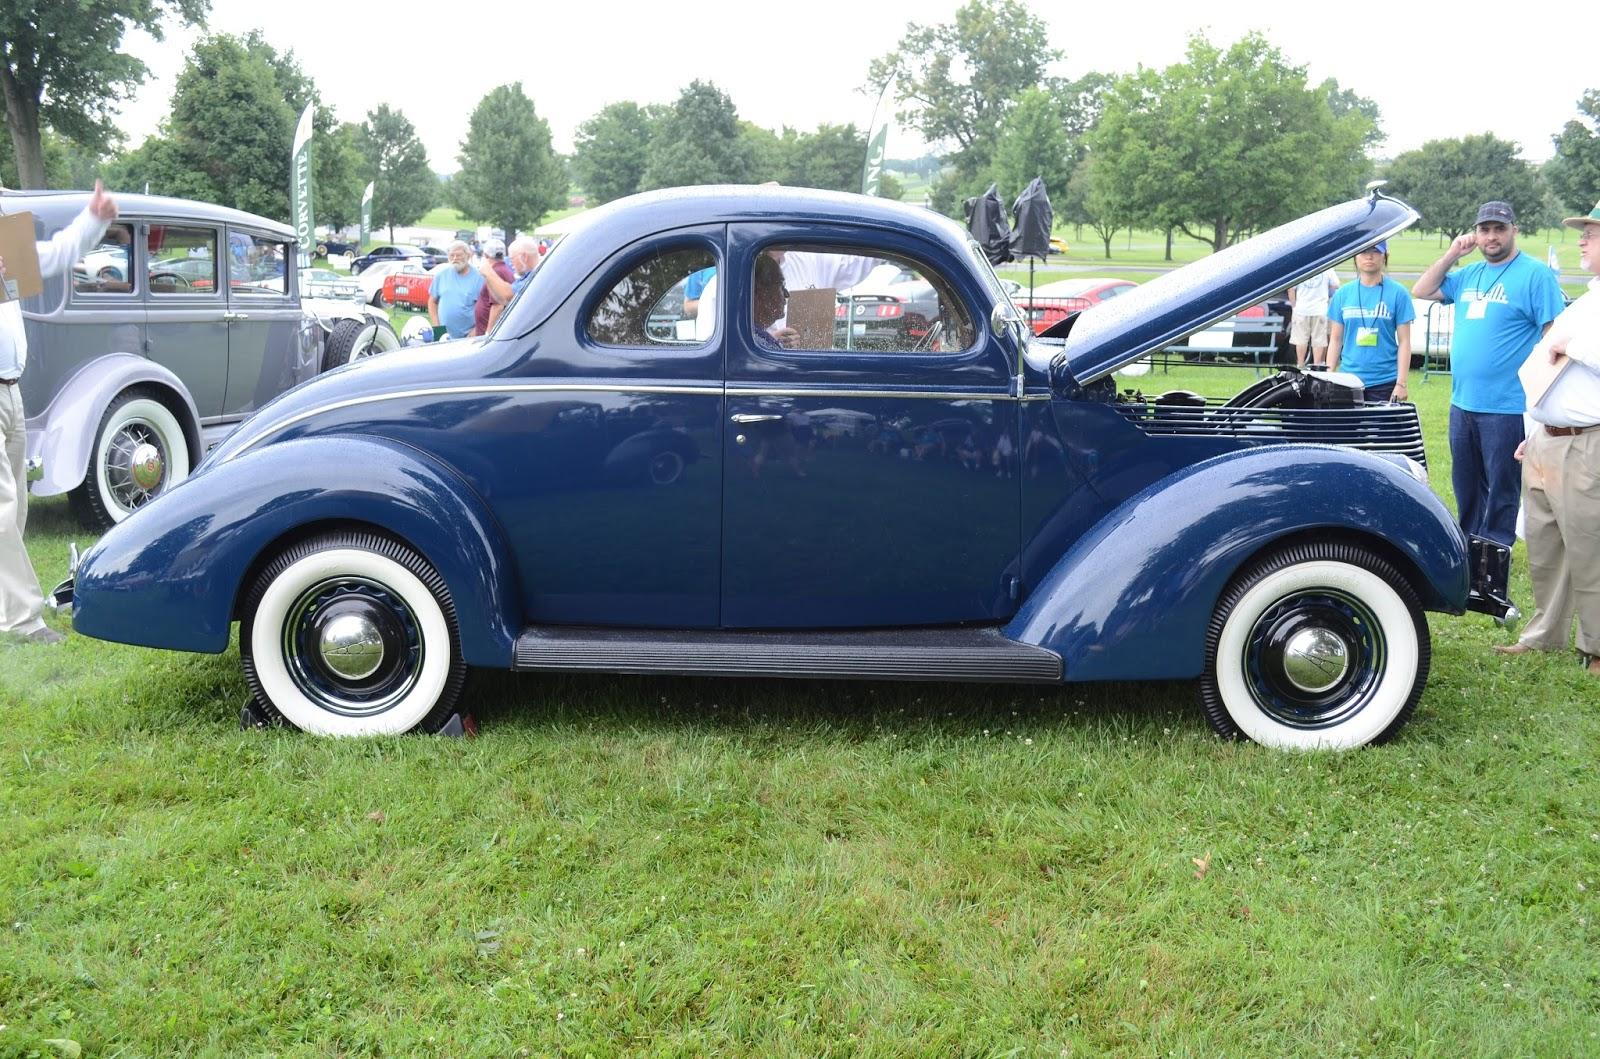 Turnerbudds Car Blog: Vintage Cars at Keeneland